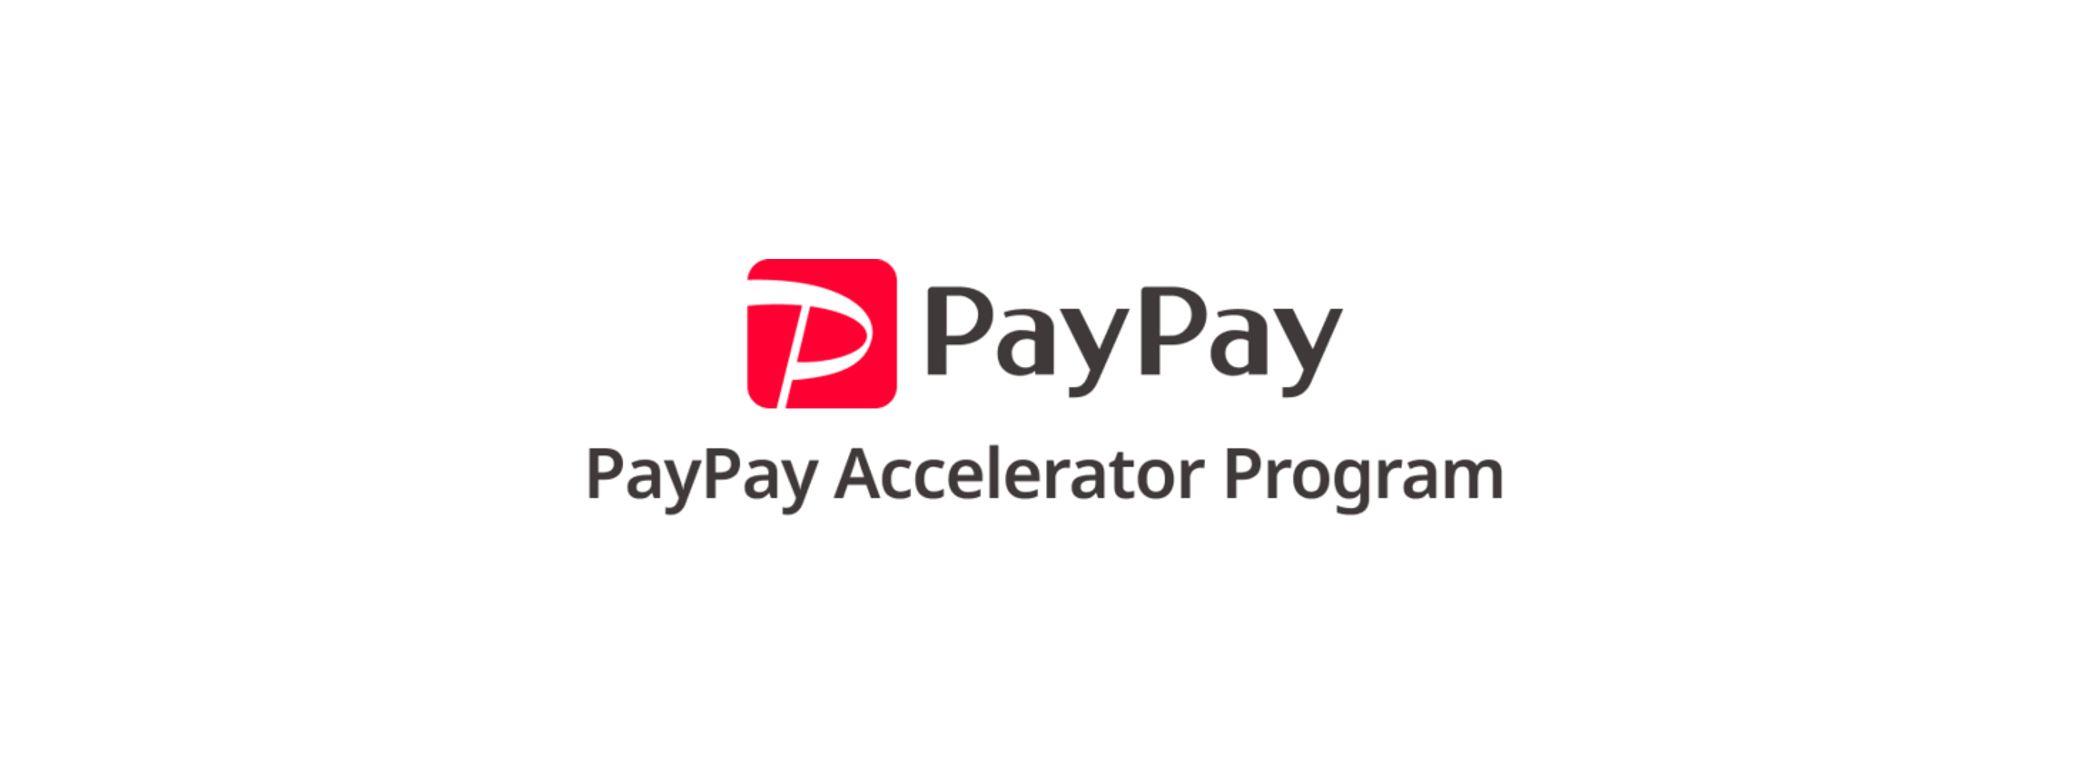 今後、PayPayのミニアプリ化を目指す4社を採択!ミニアプリを開発するスタートアップの成長支援プログラム「PayPay Accelerator Program」のデモデーを開催